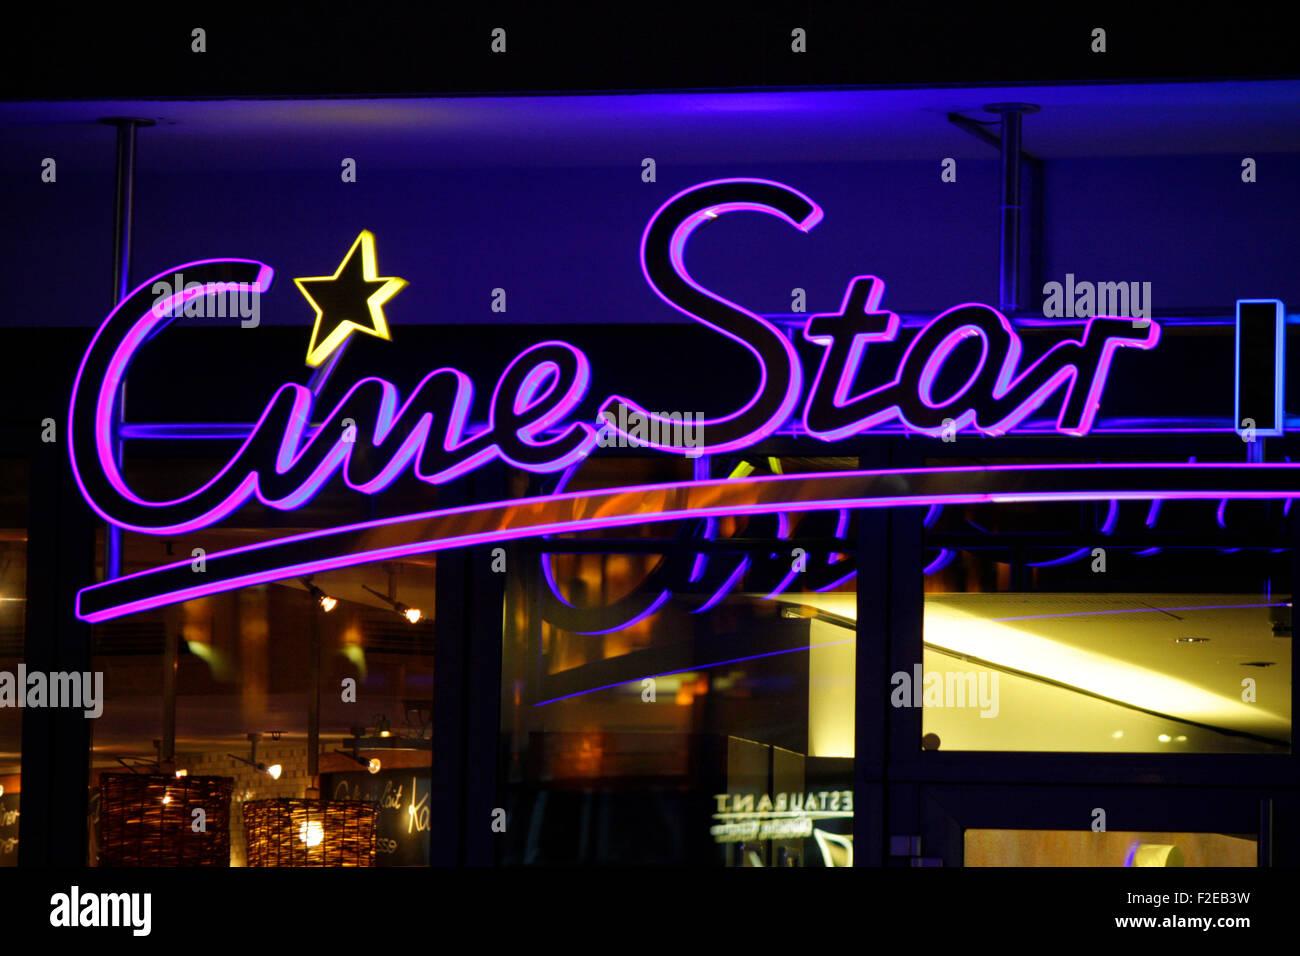 Noviembre 2013 - Berlín: marcas: el logo de la cadena de cine alemán 'Estrella de Cine', de Berlín. Imagen De Stock